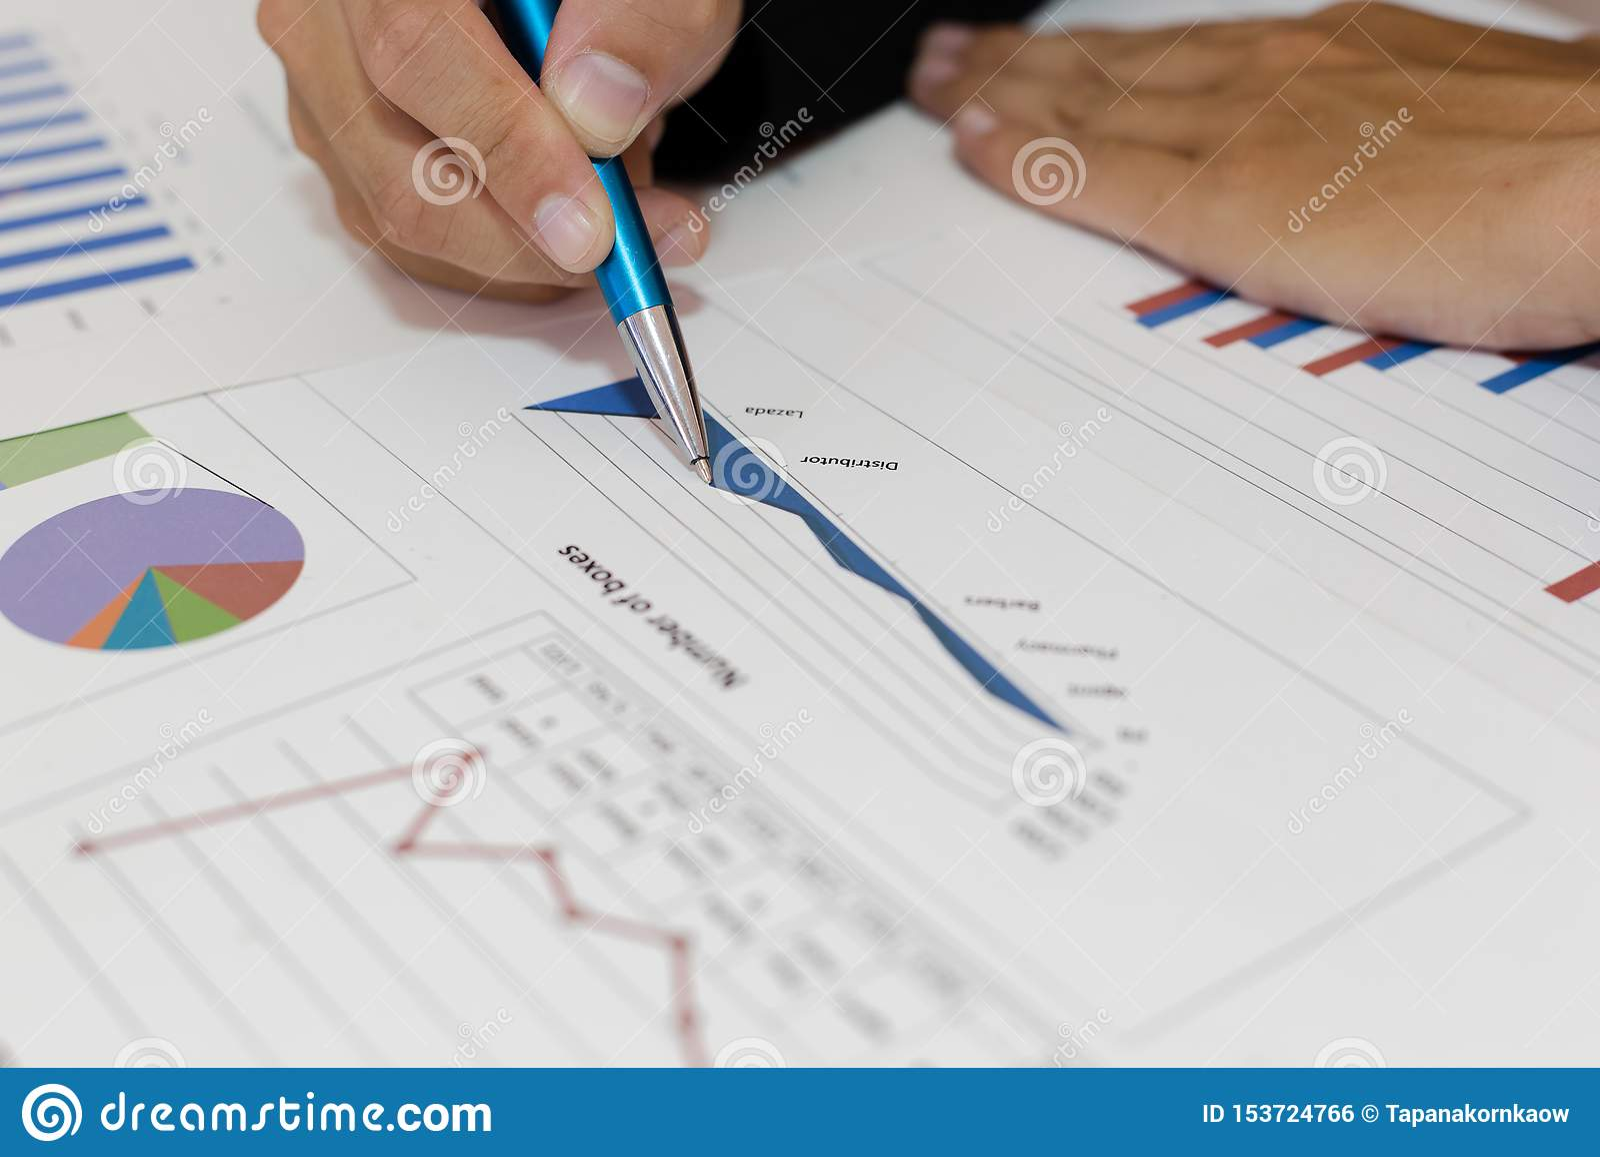 Ambos os contadores verificaram as finanças da empresa Verificaram o trabalho e o lucro da empresa a fim planejar para